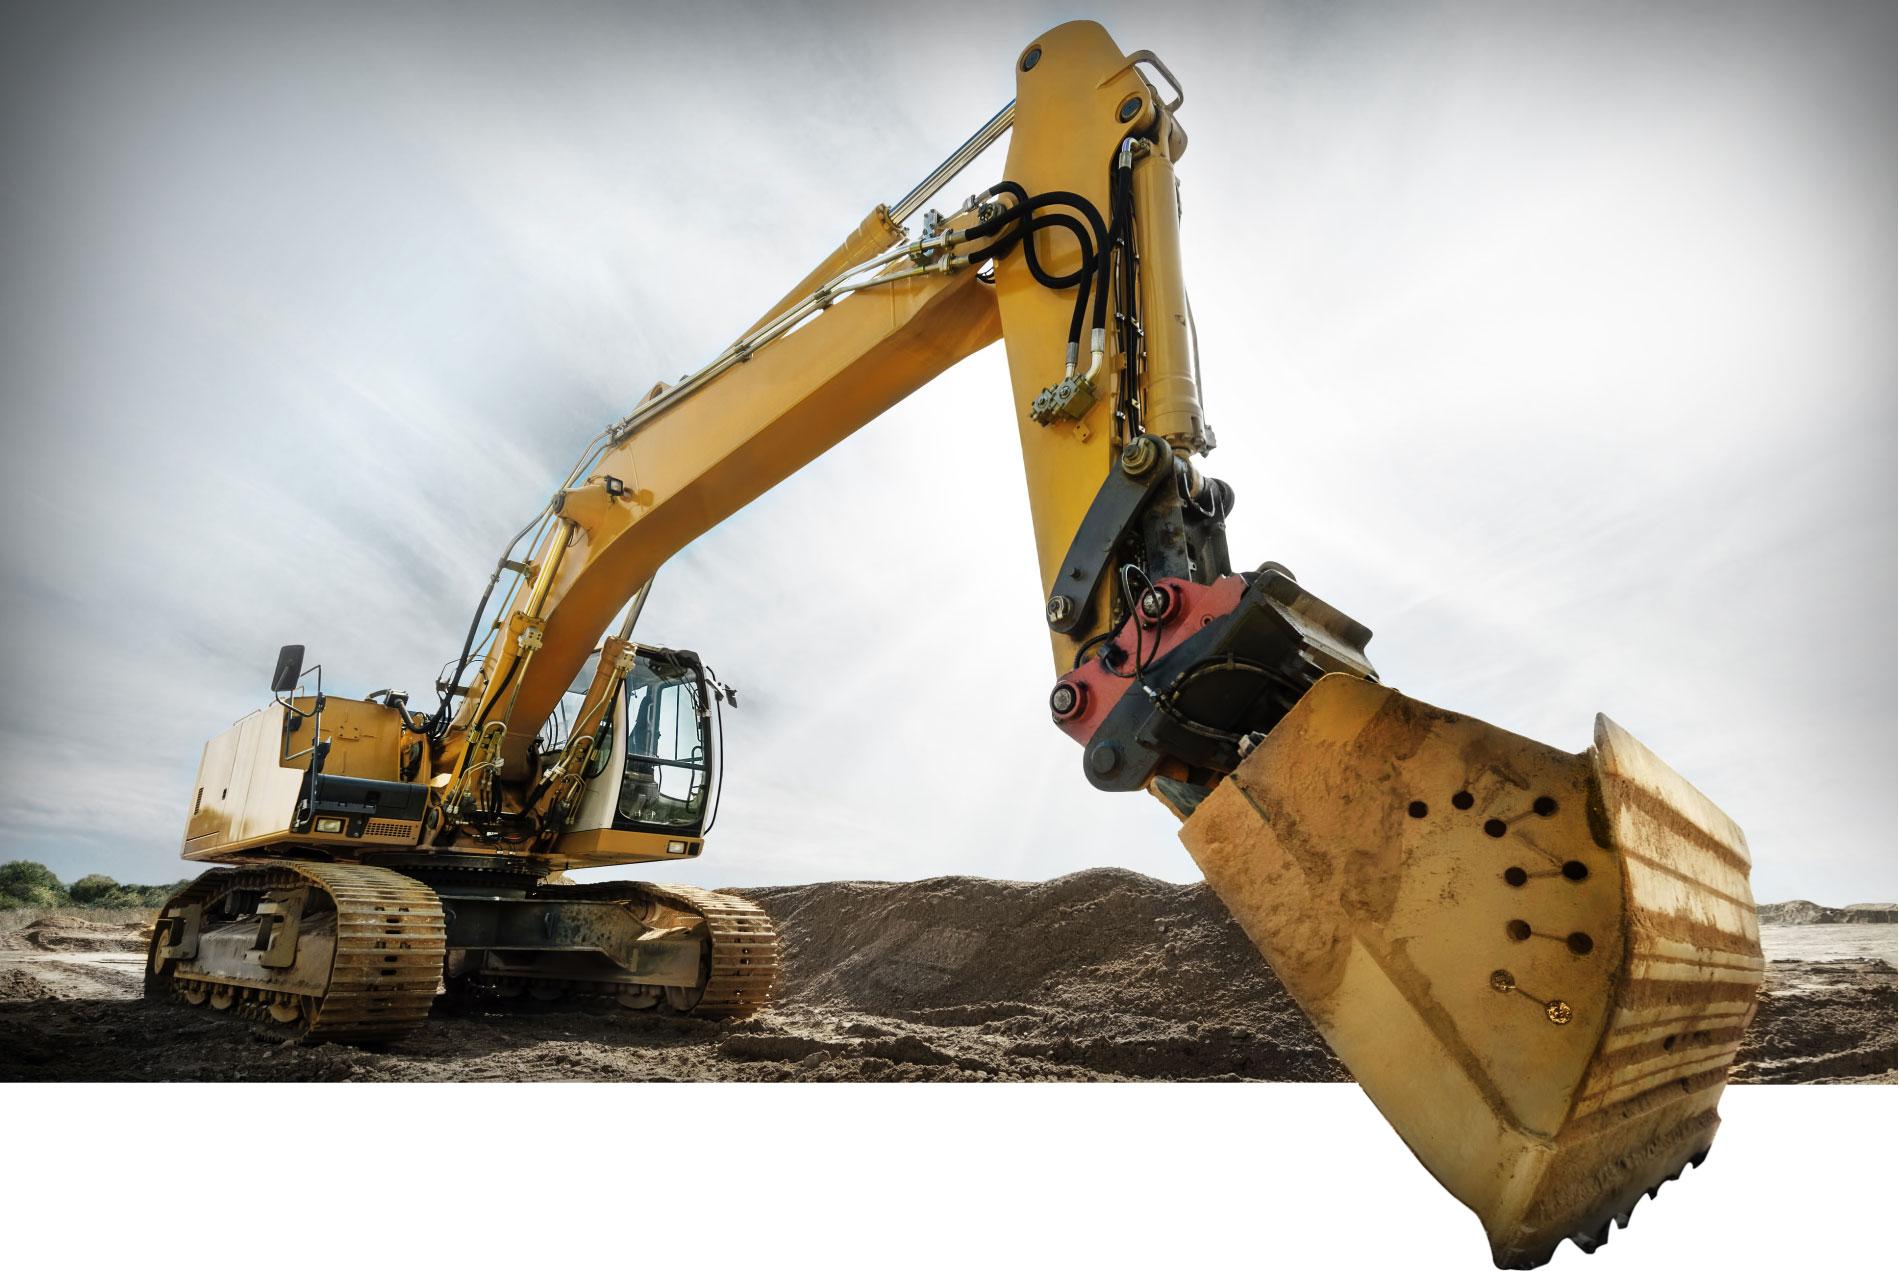 Tanzania BUILDEXPO 2019 - Building Construction Trade Exhibition